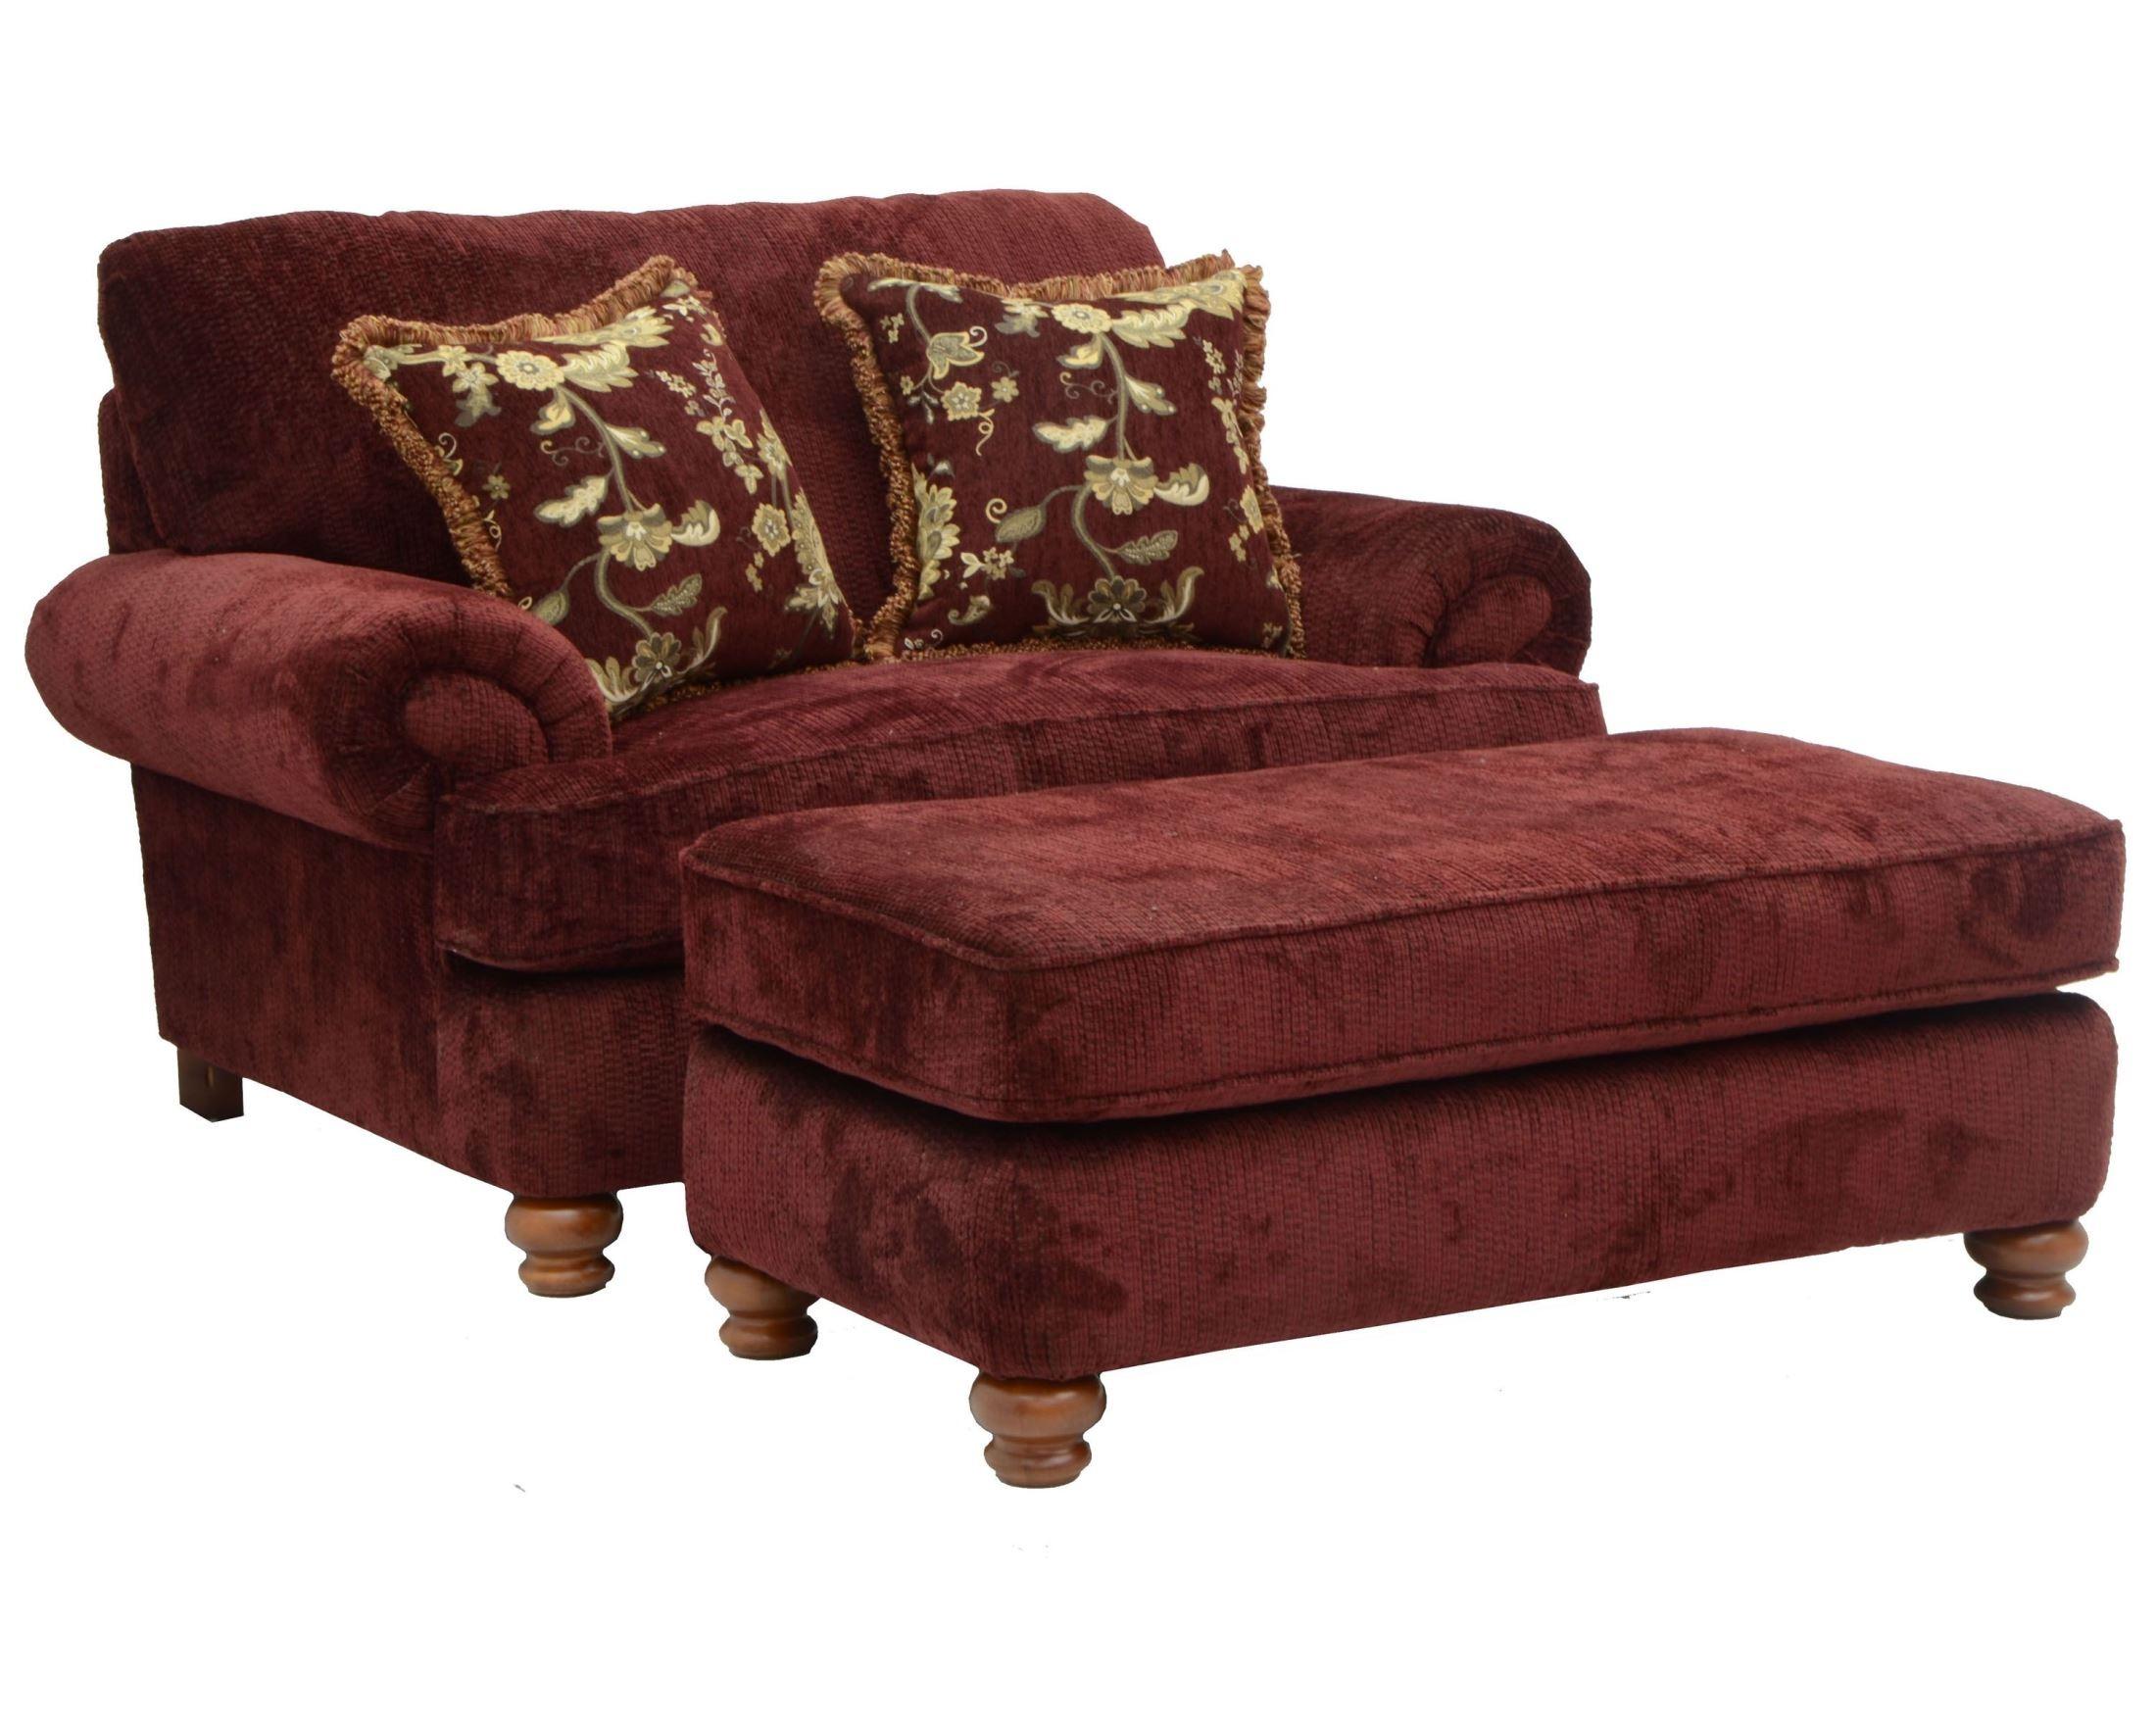 Belmont Claret Living Room Set 434703266334267834